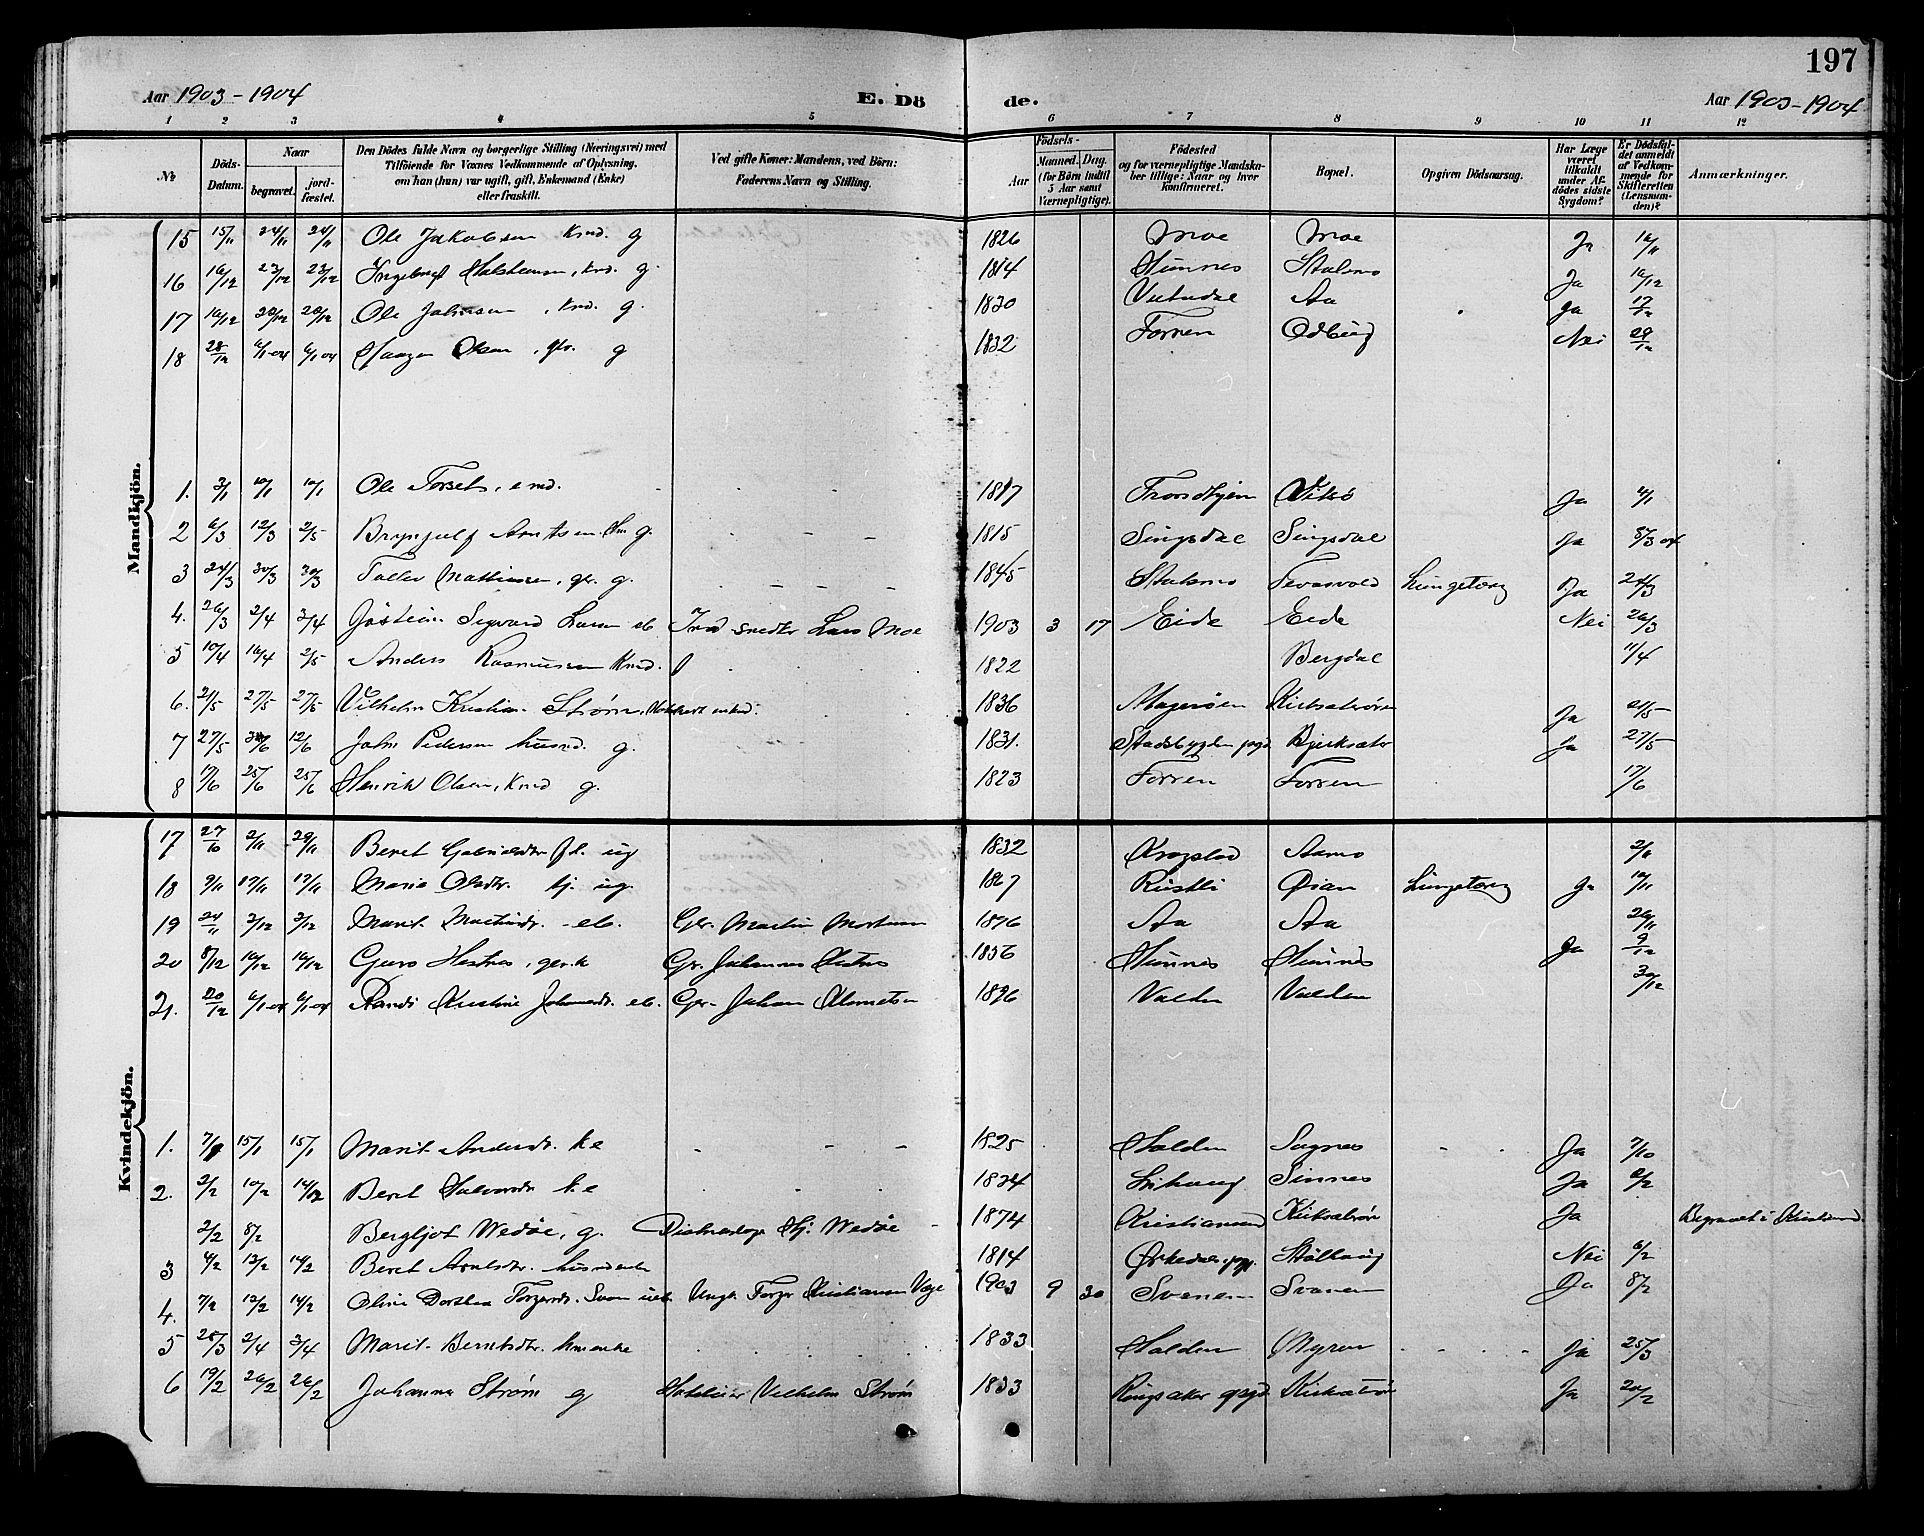 SAT, Ministerialprotokoller, klokkerbøker og fødselsregistre - Sør-Trøndelag, 630/L0505: Klokkerbok nr. 630C03, 1899-1914, s. 197